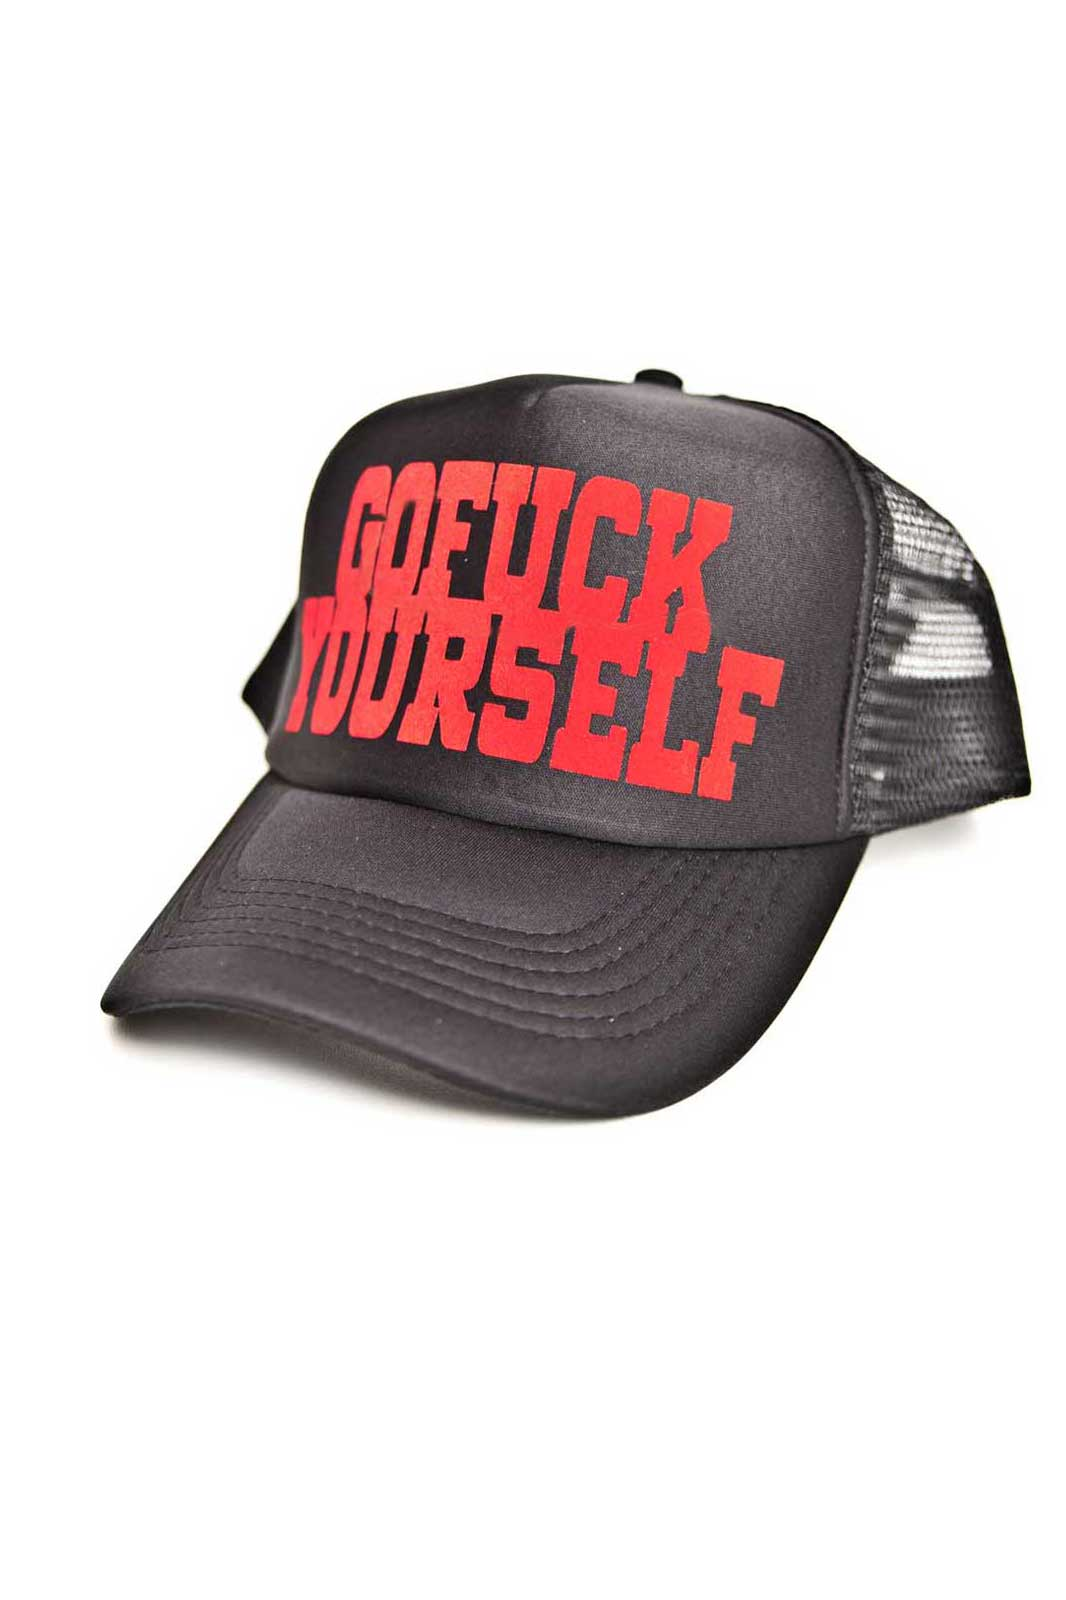 Go Fuck Yourself Trucker